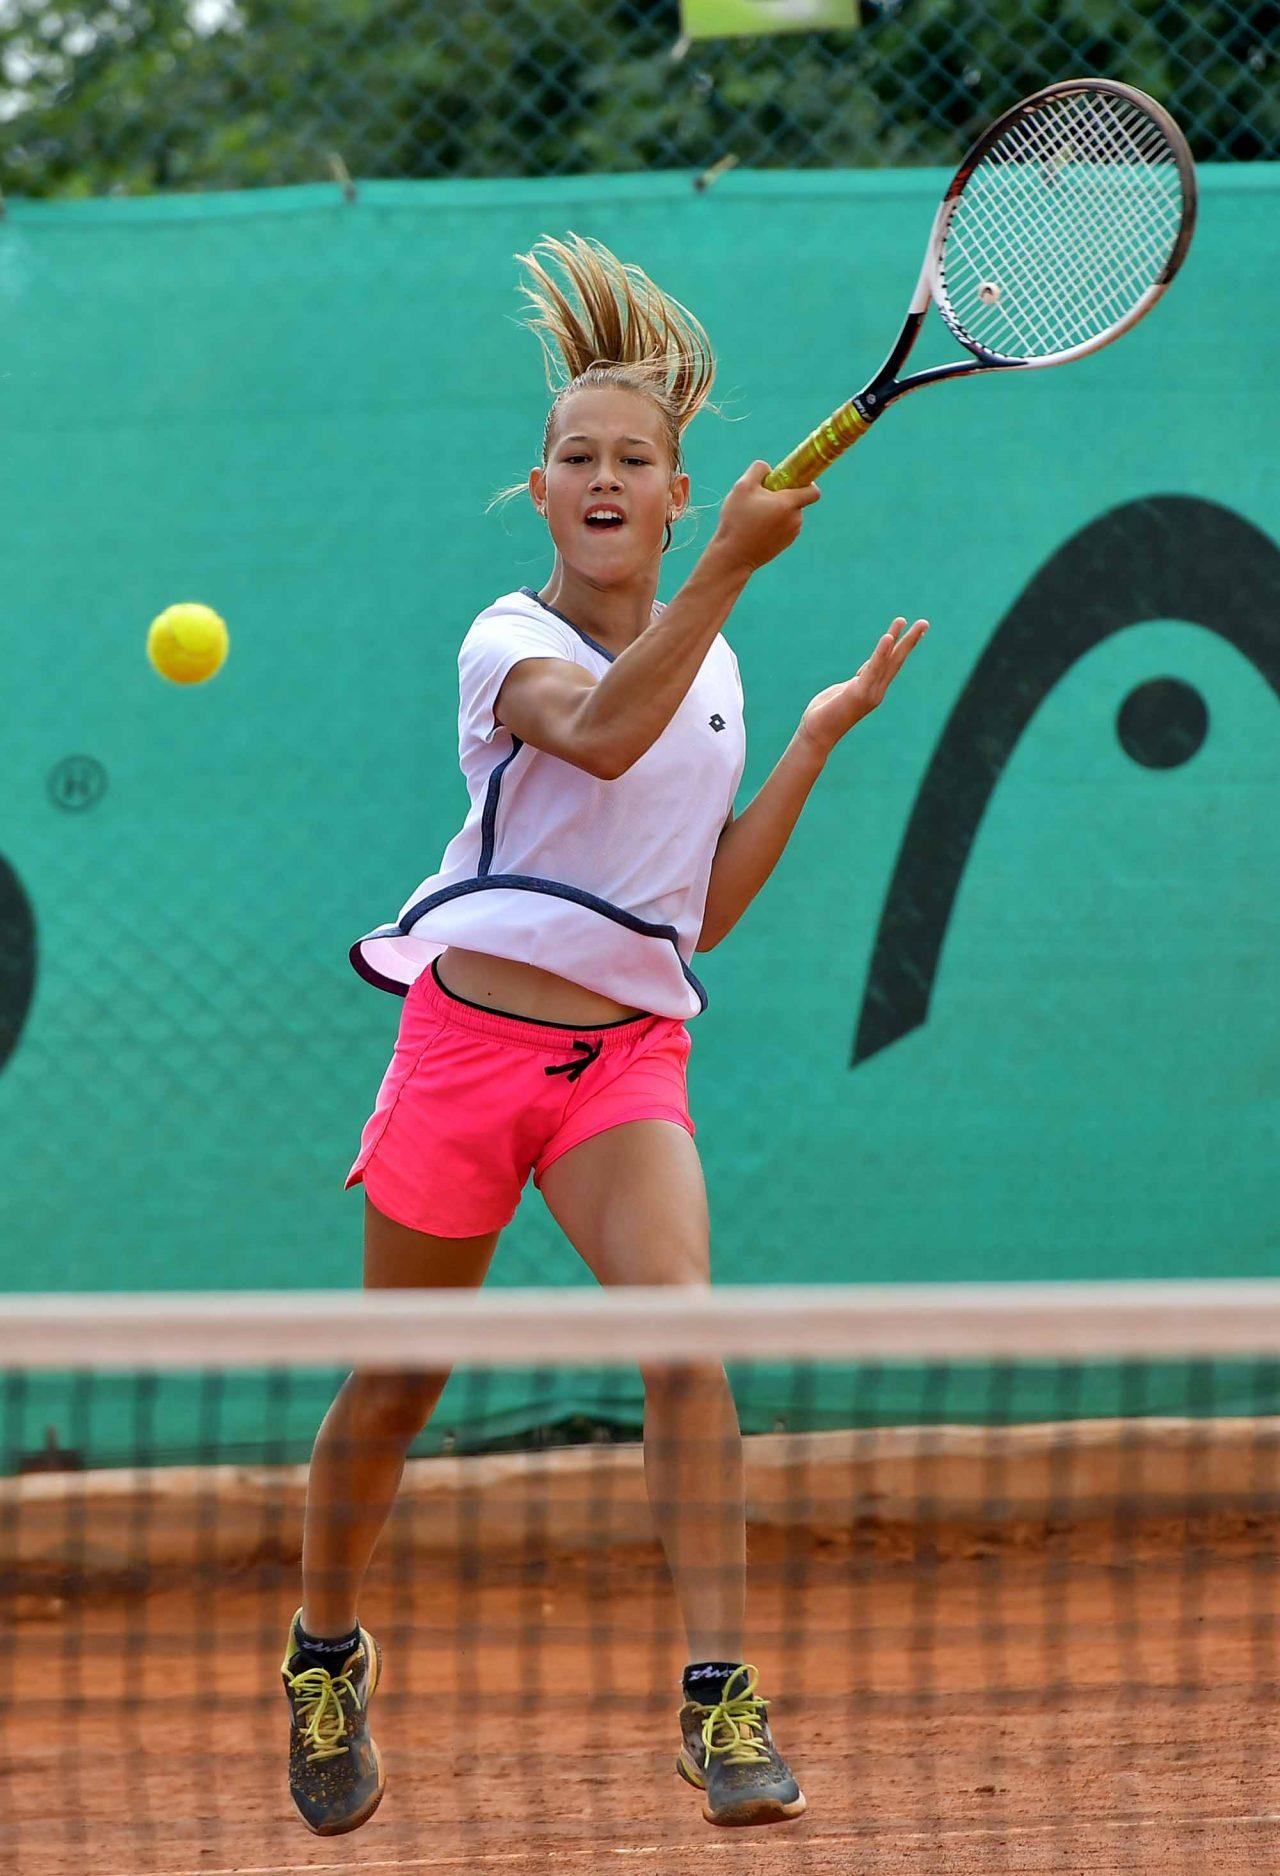 Държавно първенство тенис до 14 год. ТК 15-40 момичета (20)